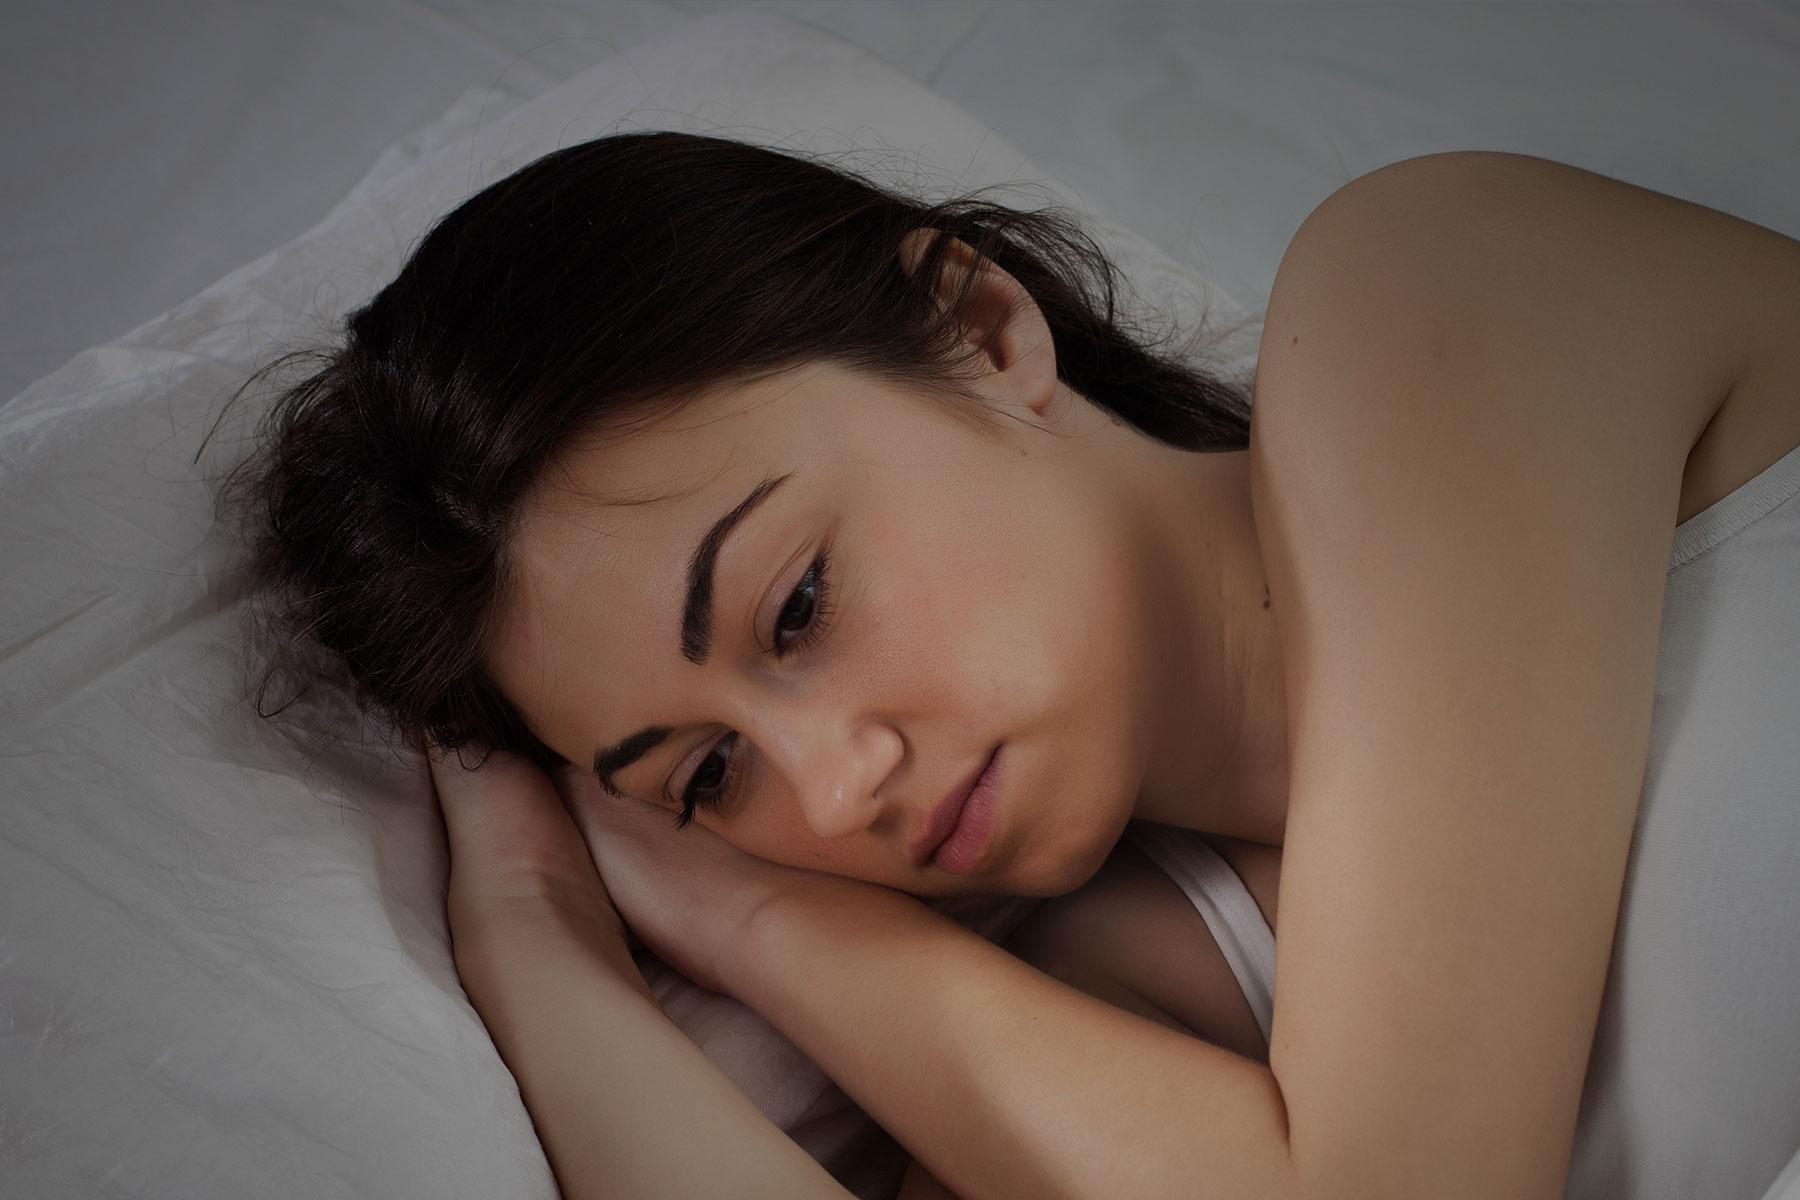 Women laying awake in bed